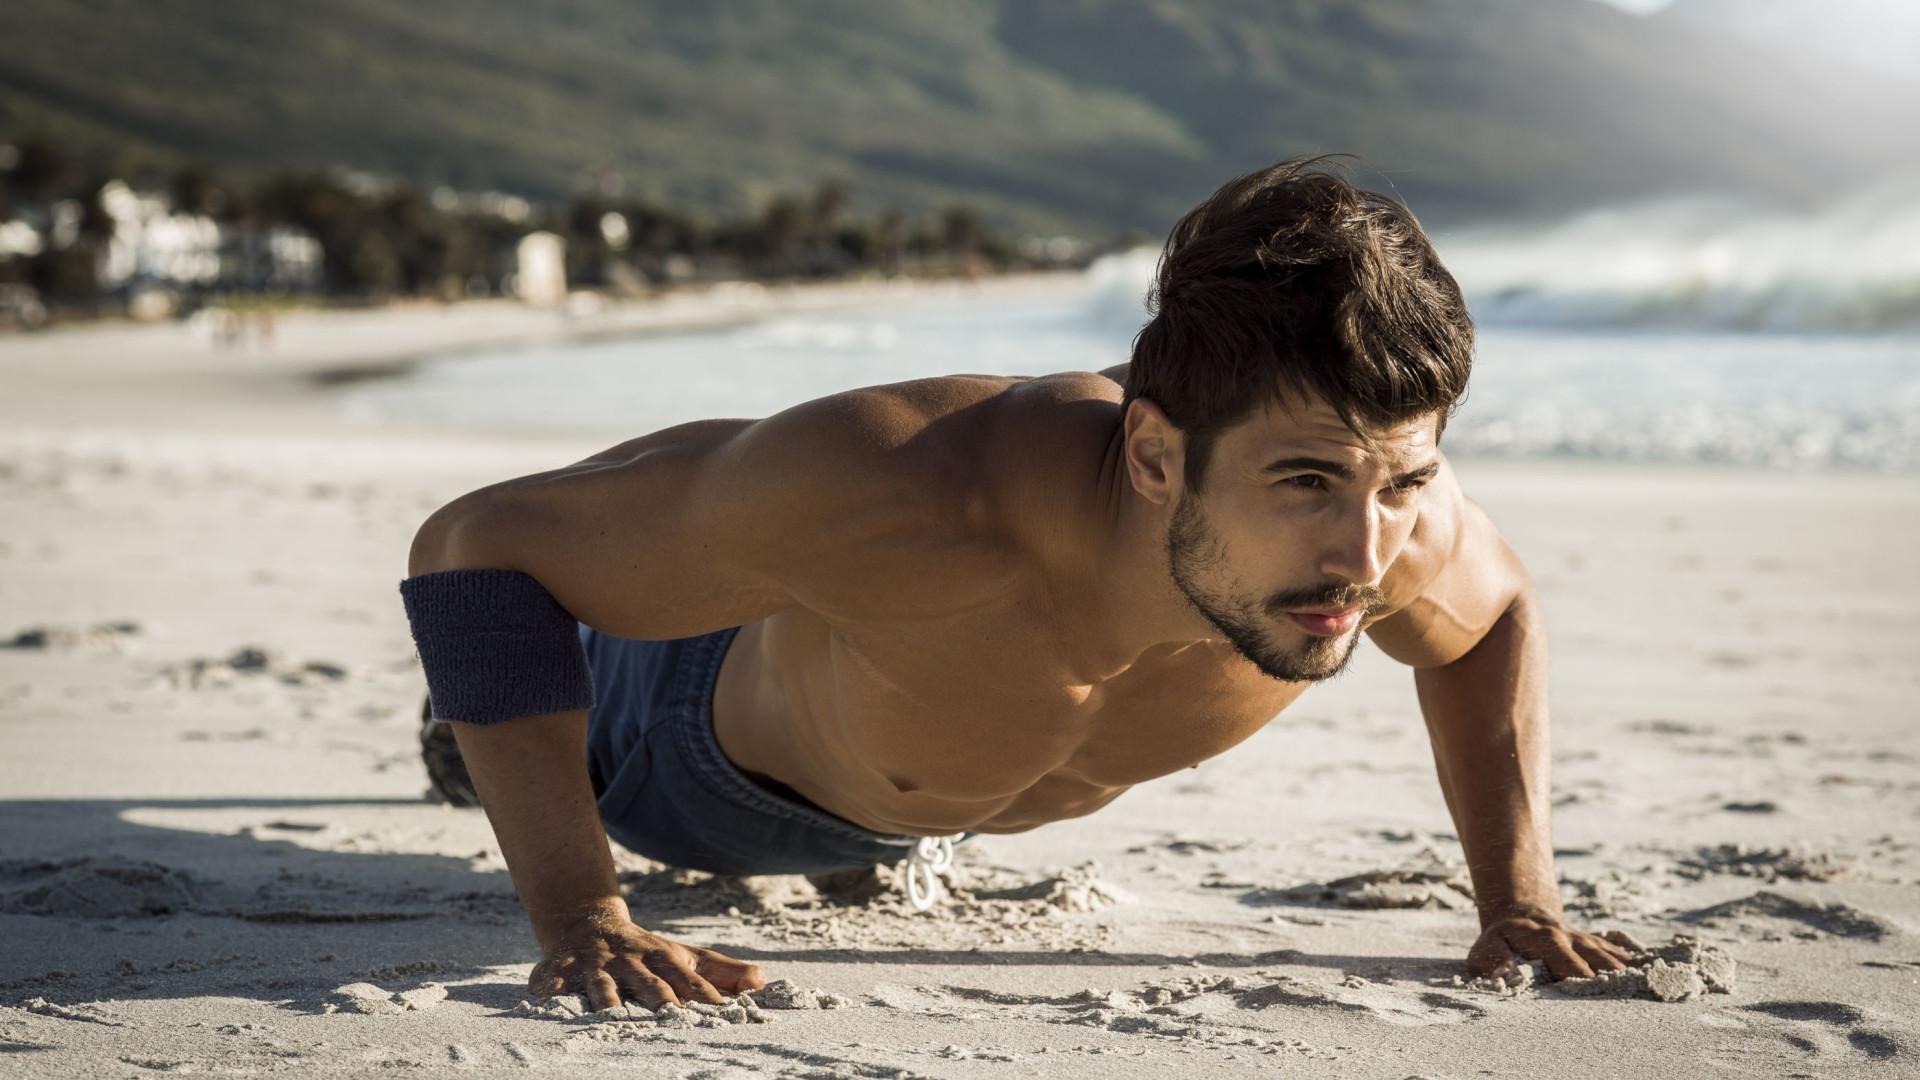 A prática excessiva de exercício físico prejudica a saúde mental